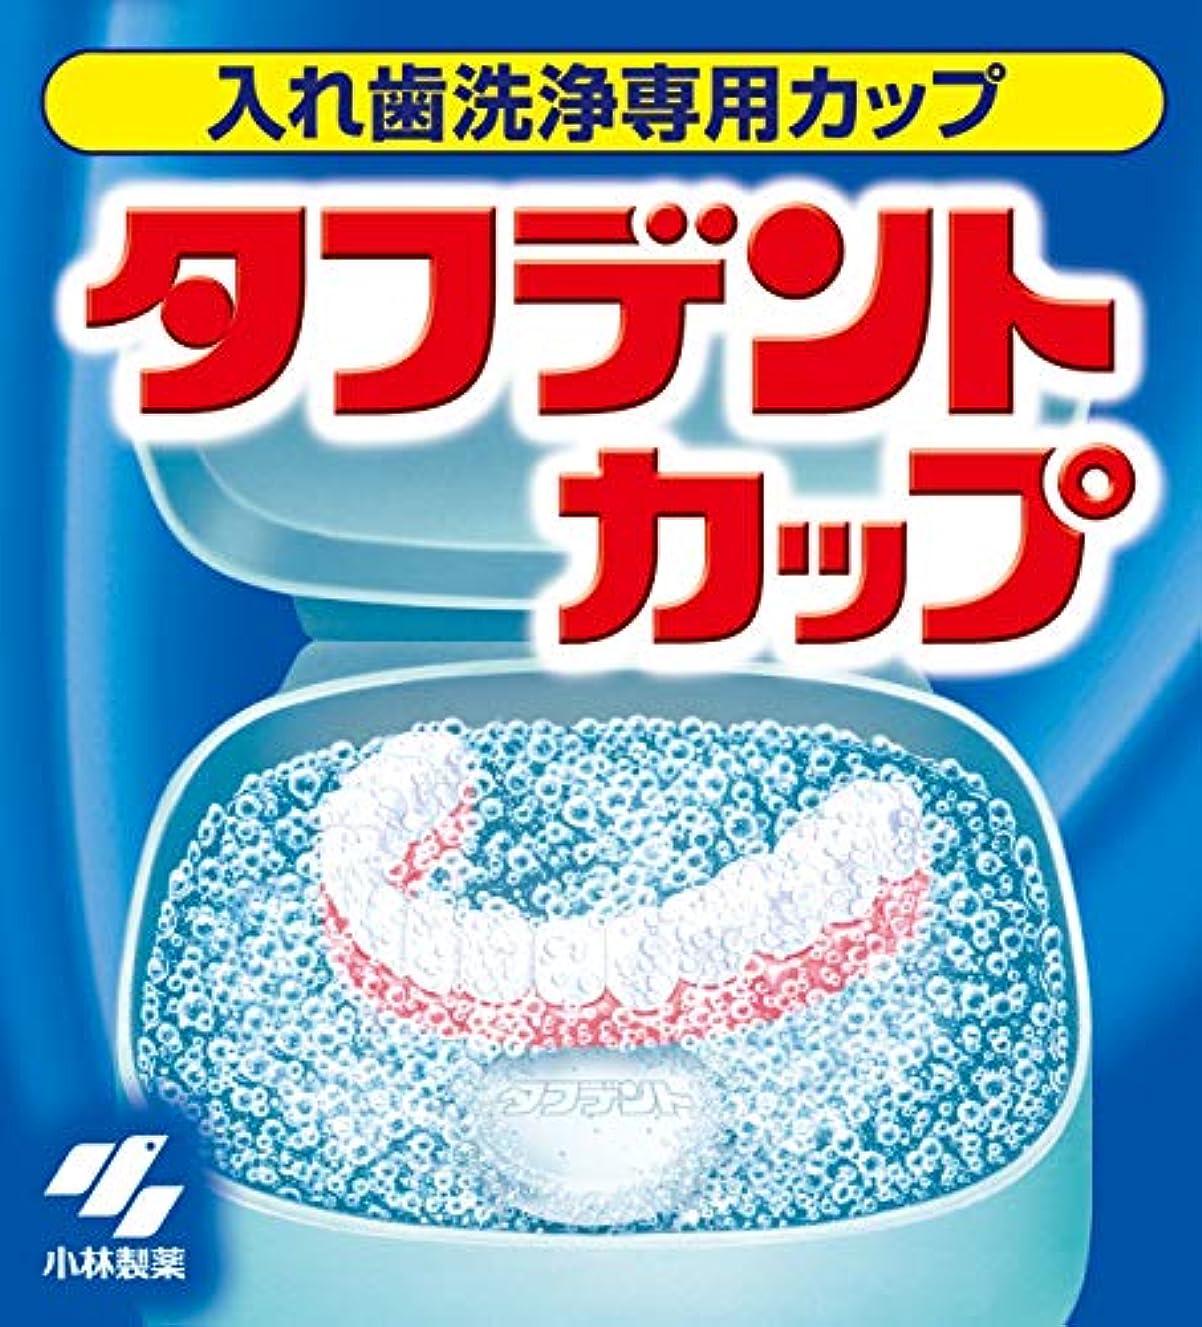 損失脅かす政治タフデントカップ 入れ歯洗浄専用カップ